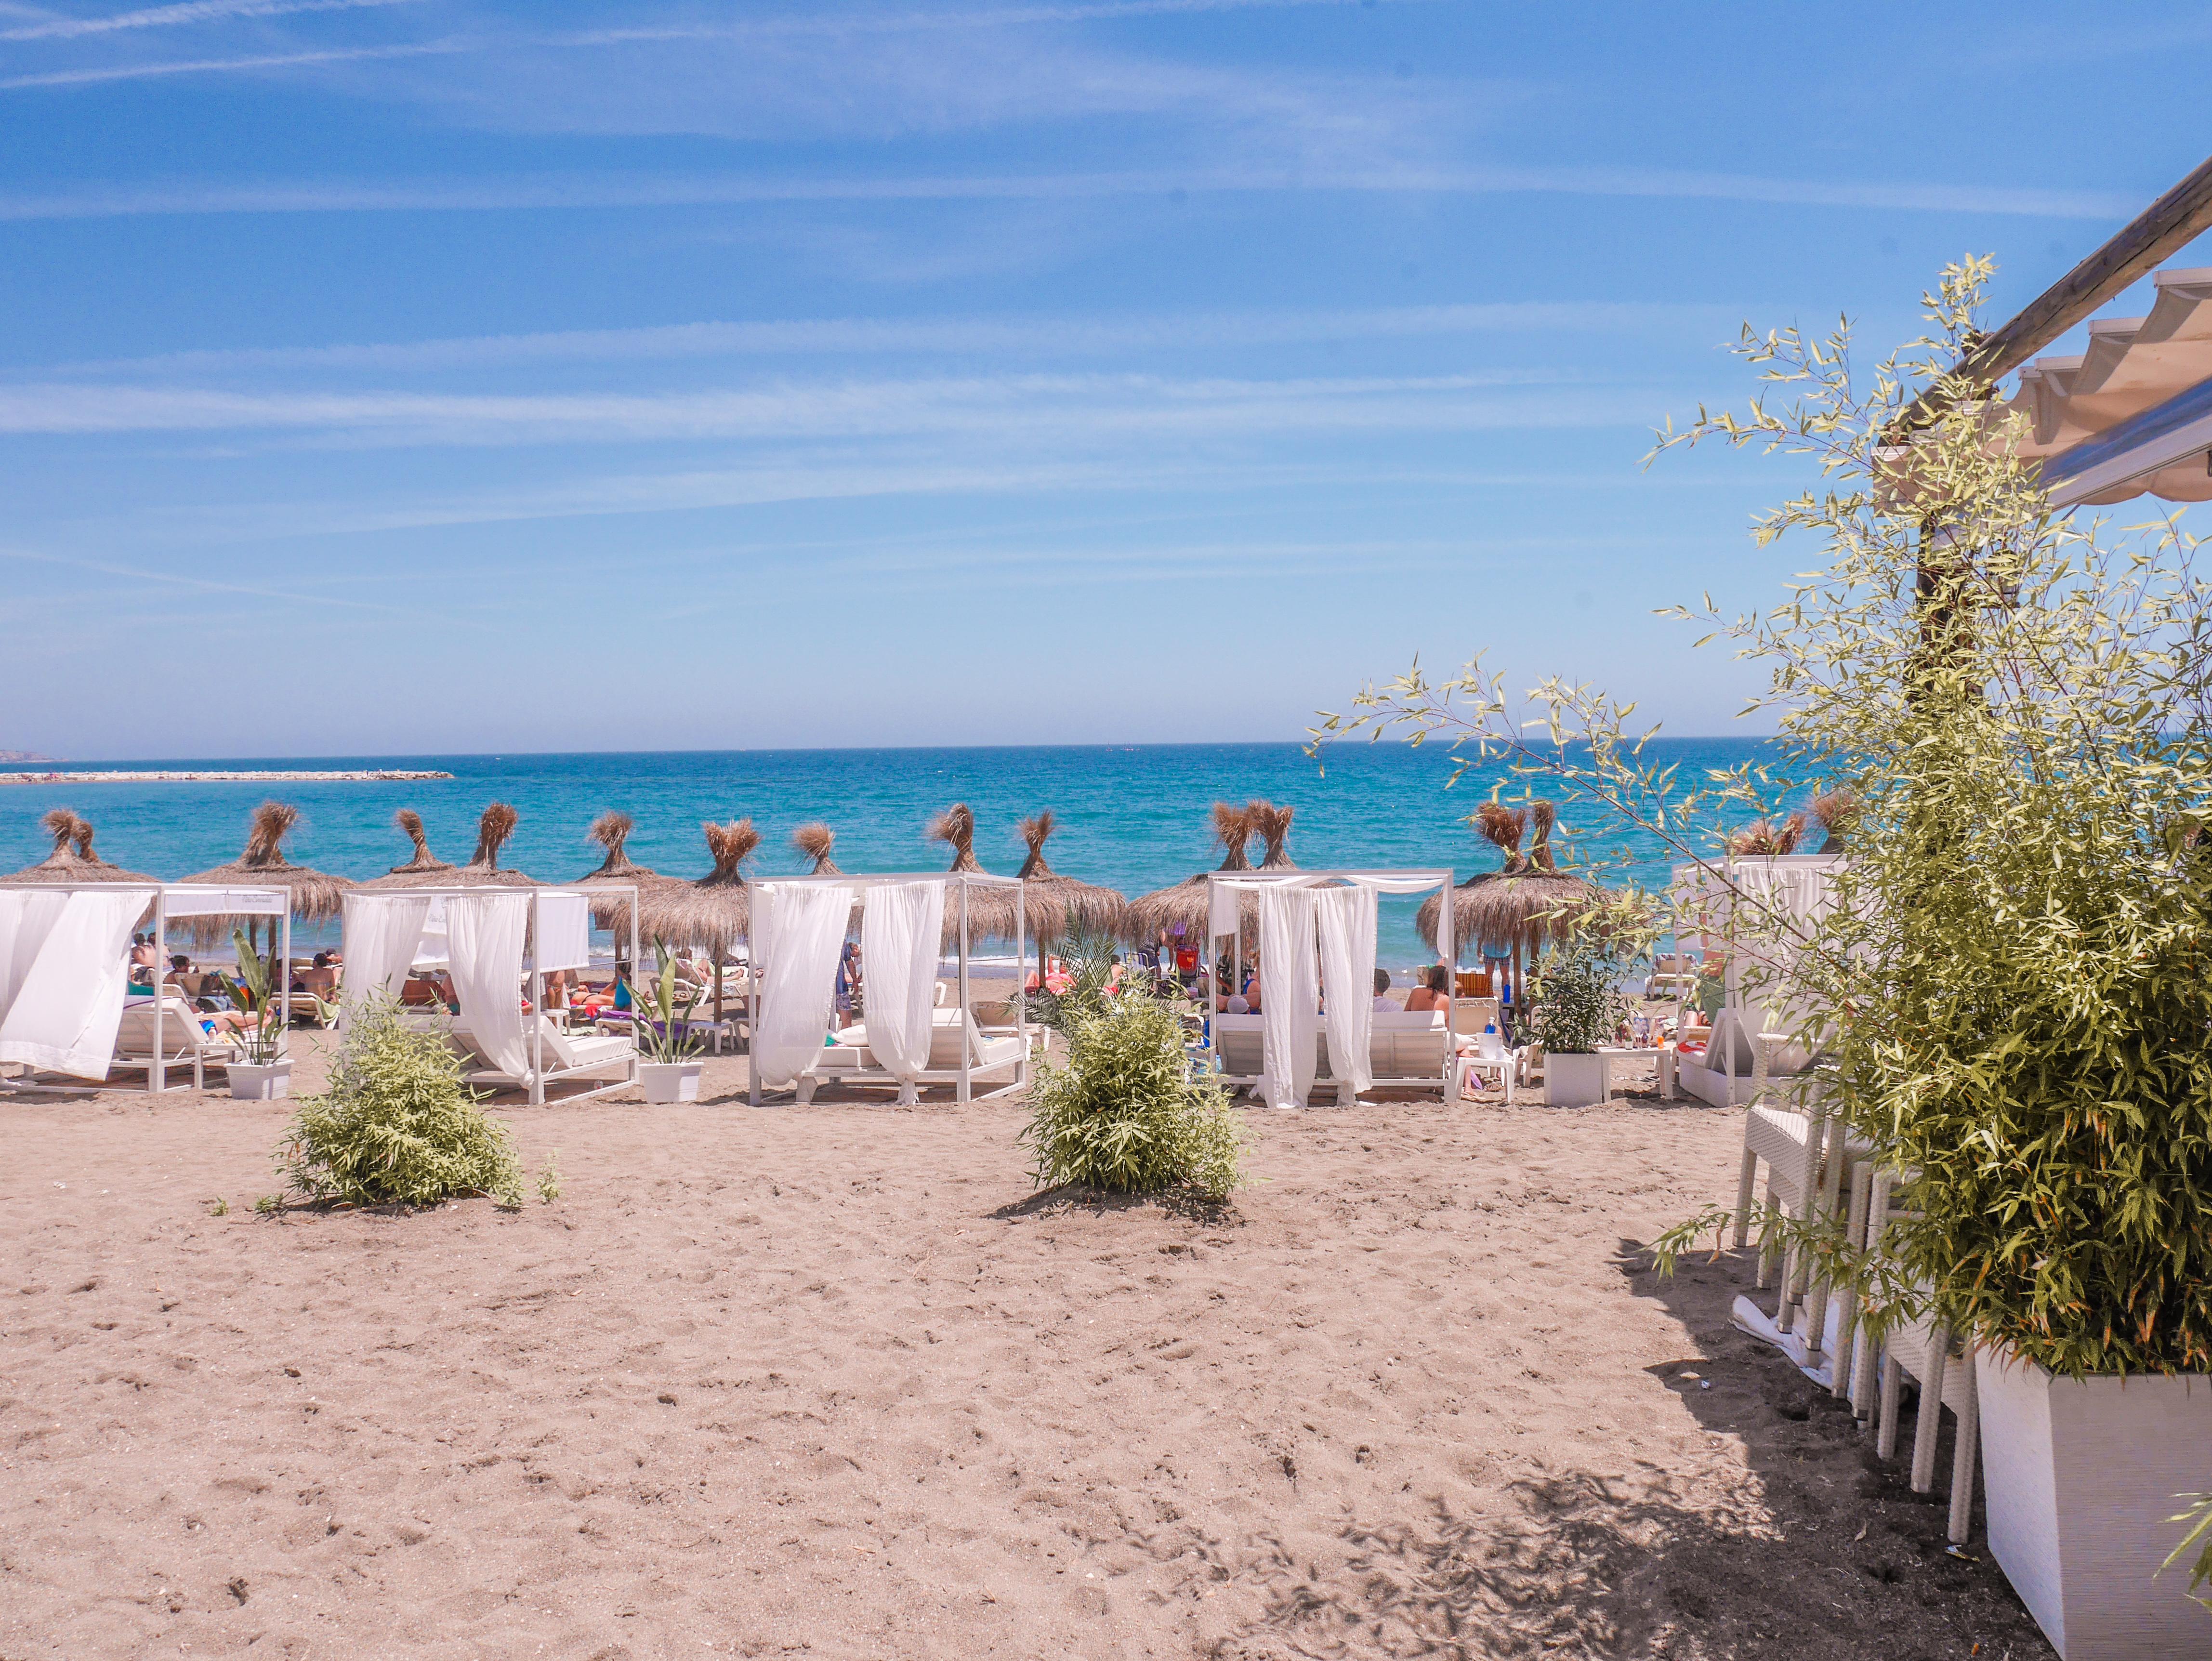 Malaga rannat kokemuksia